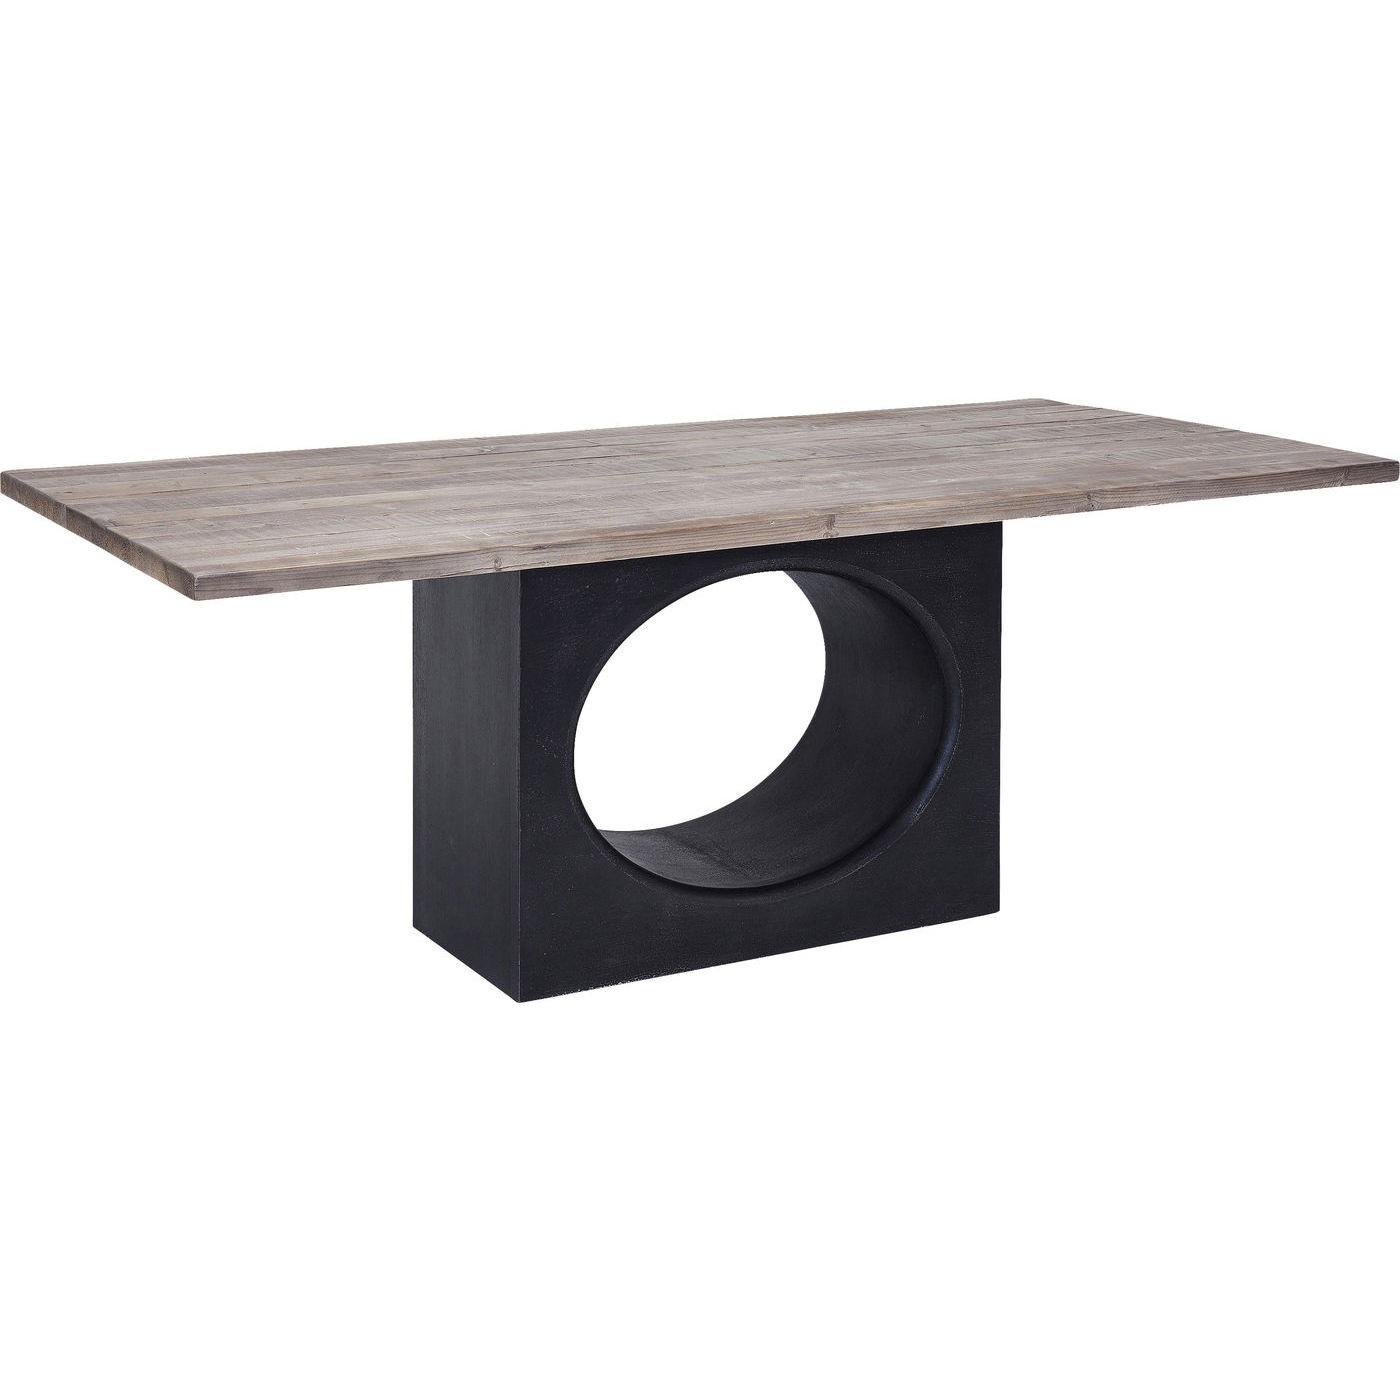 kare design salle manger mutoni m bel. Black Bedroom Furniture Sets. Home Design Ideas